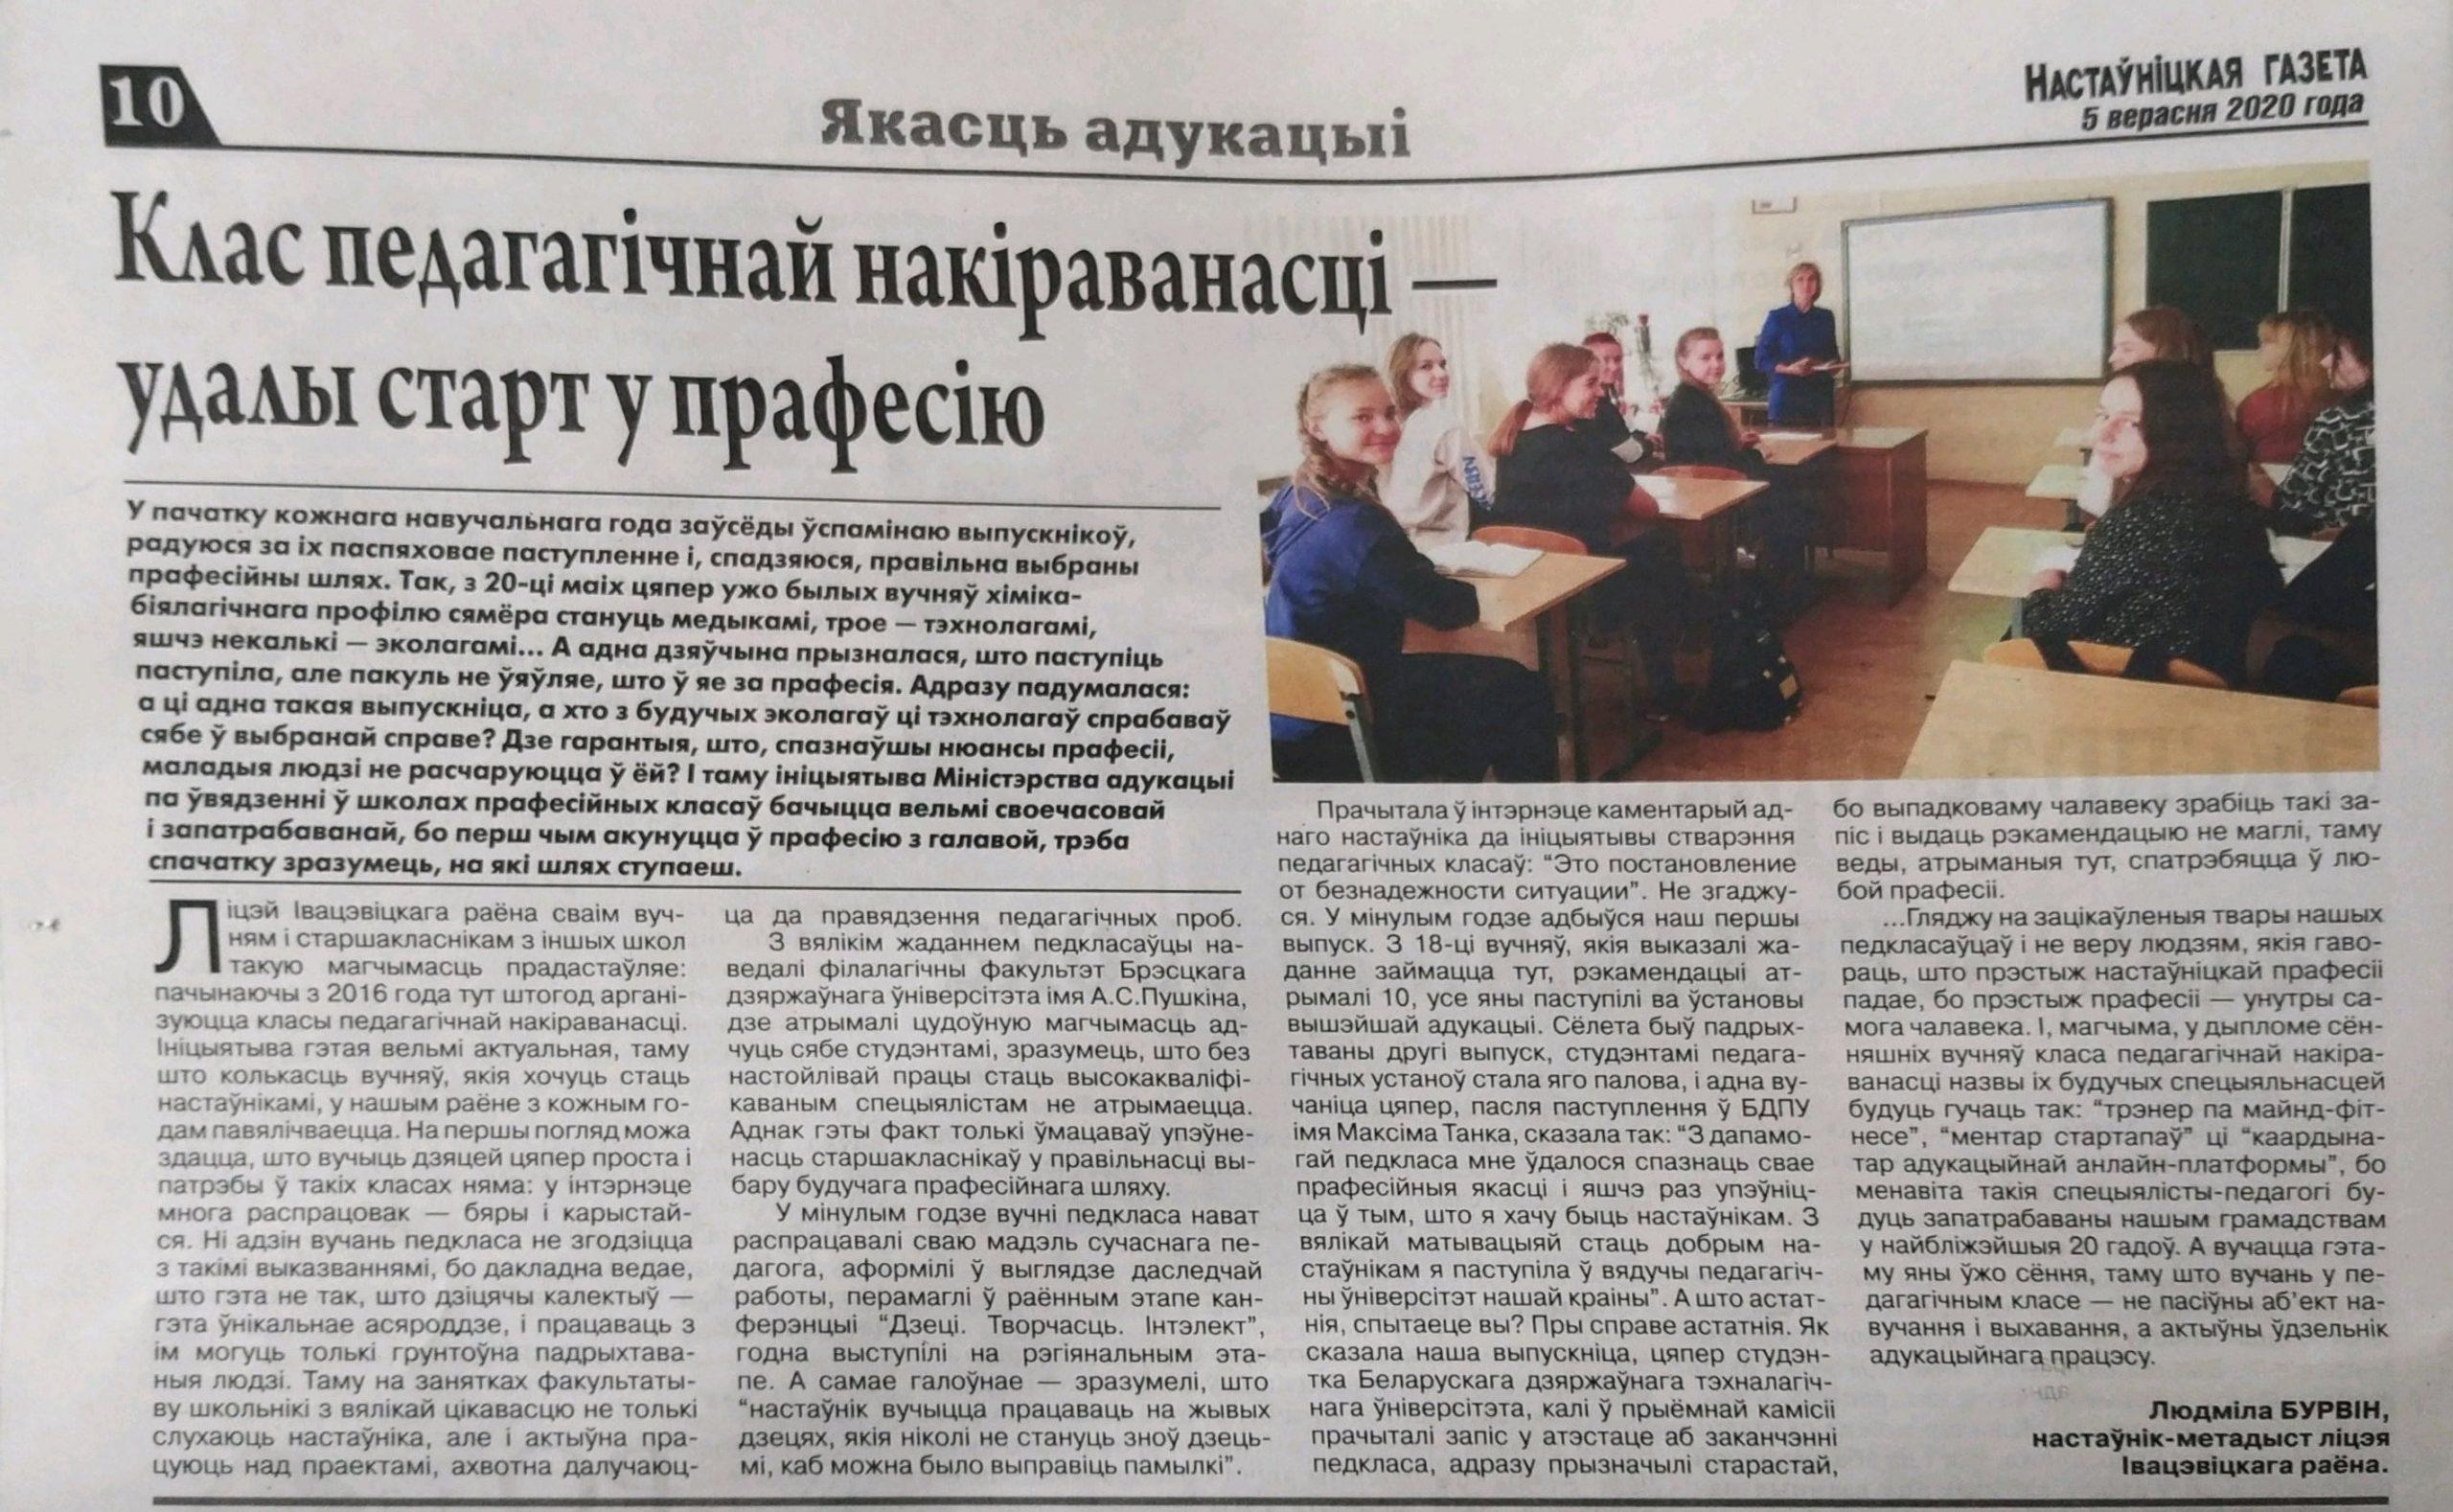 Клас педагагiчнай накiраванасцi— удалы старт у прафесiю | Настаўніцкая газета